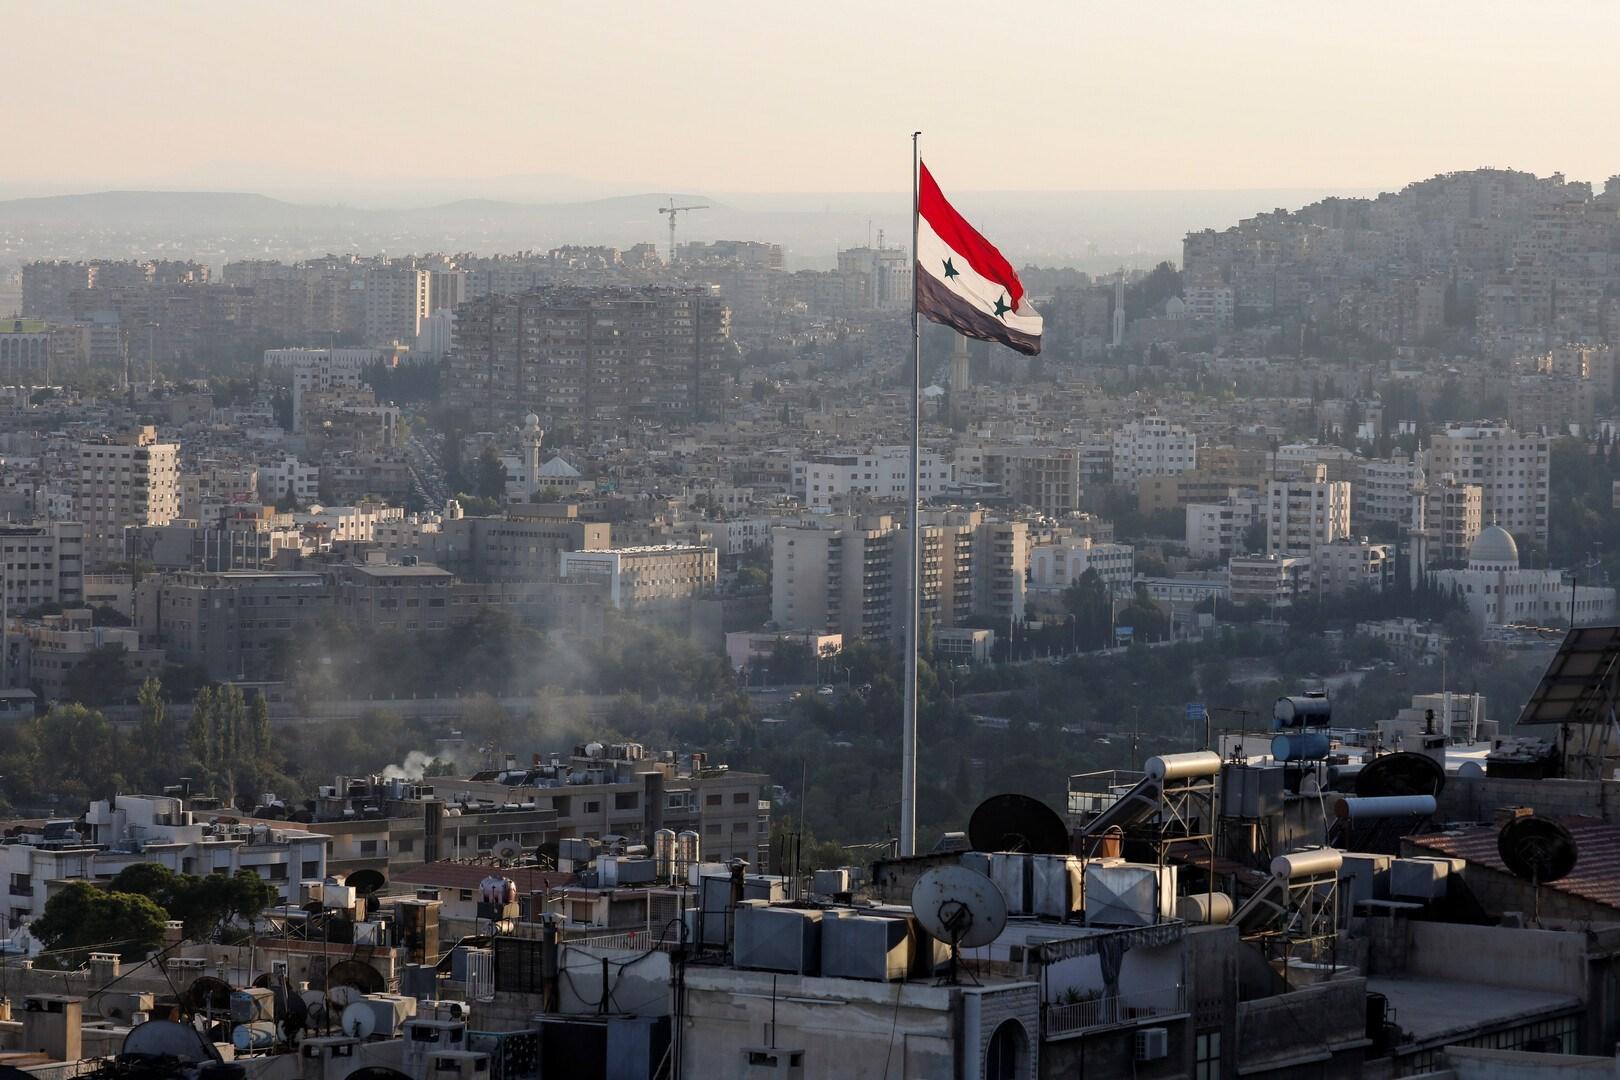 وزراء خارجية المجموعة المصغرة: لا يوجد حل عسكري يحقق السلام في سوريا